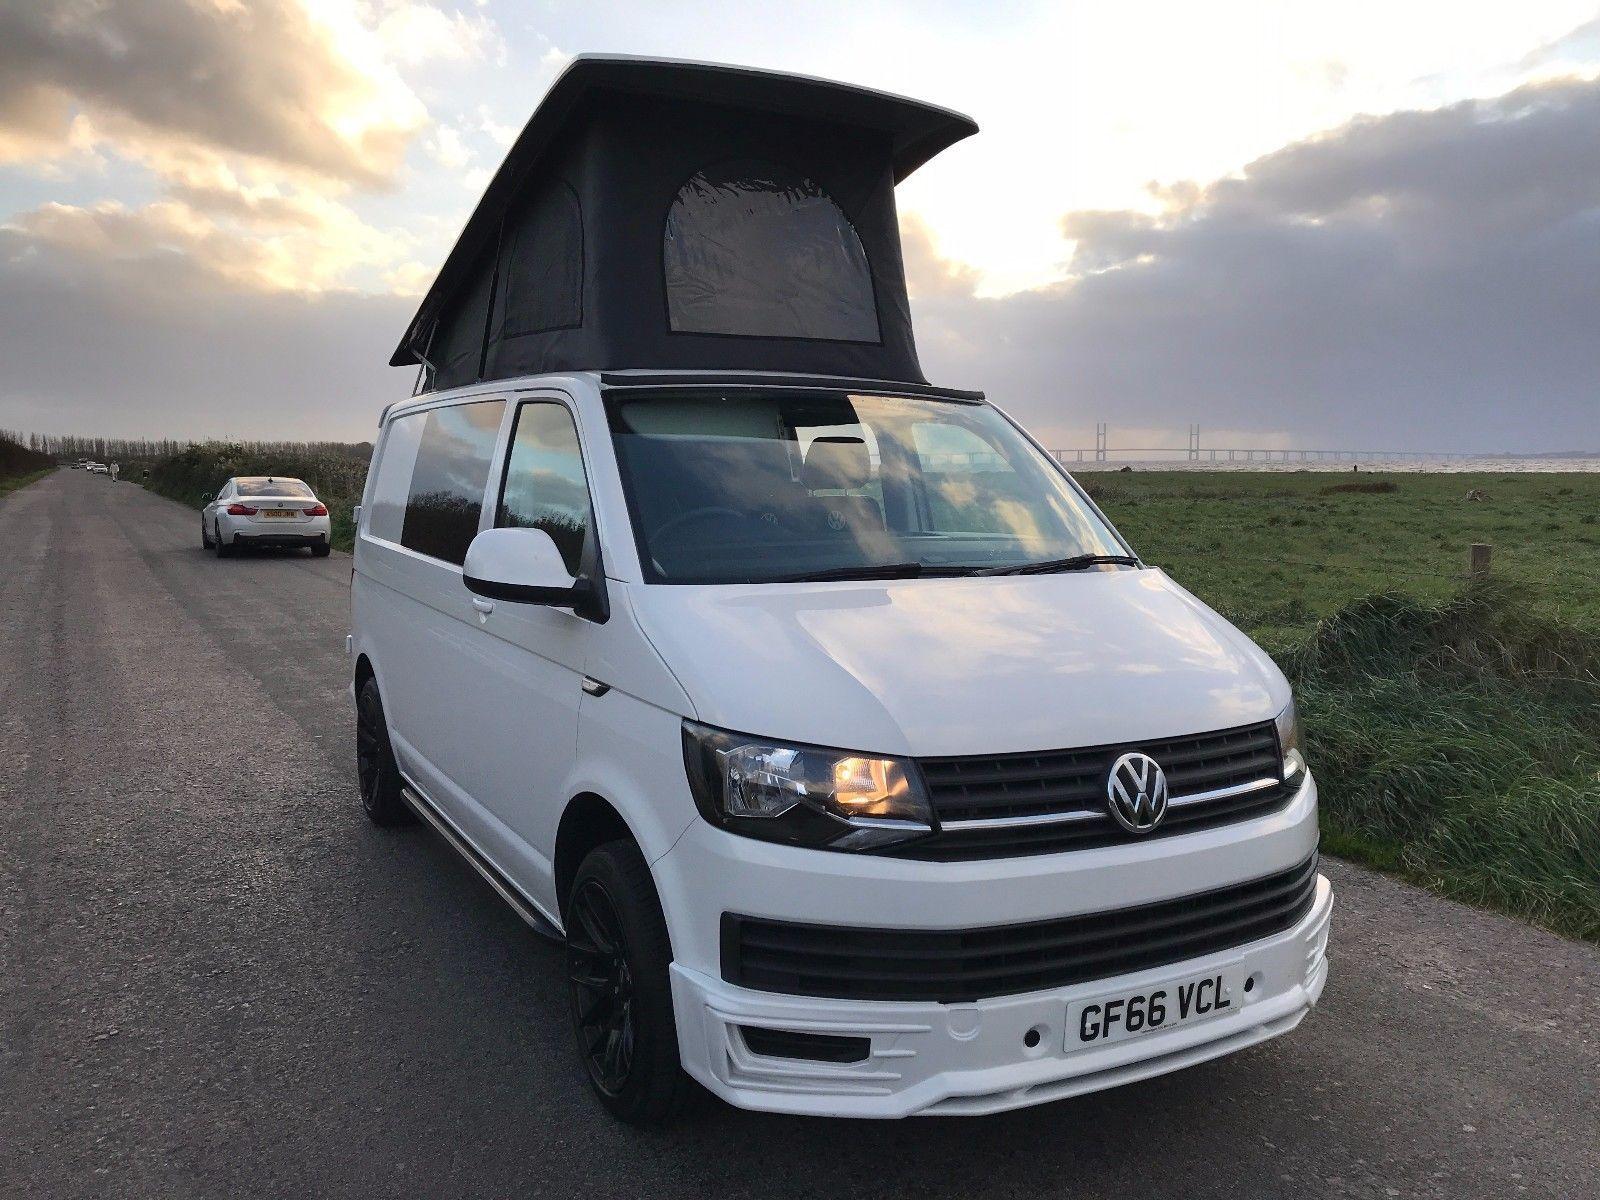 Volkswagen Transporter T6 Campervan 2016 12000 Miles Skyline Poptop Roof 4 Berth